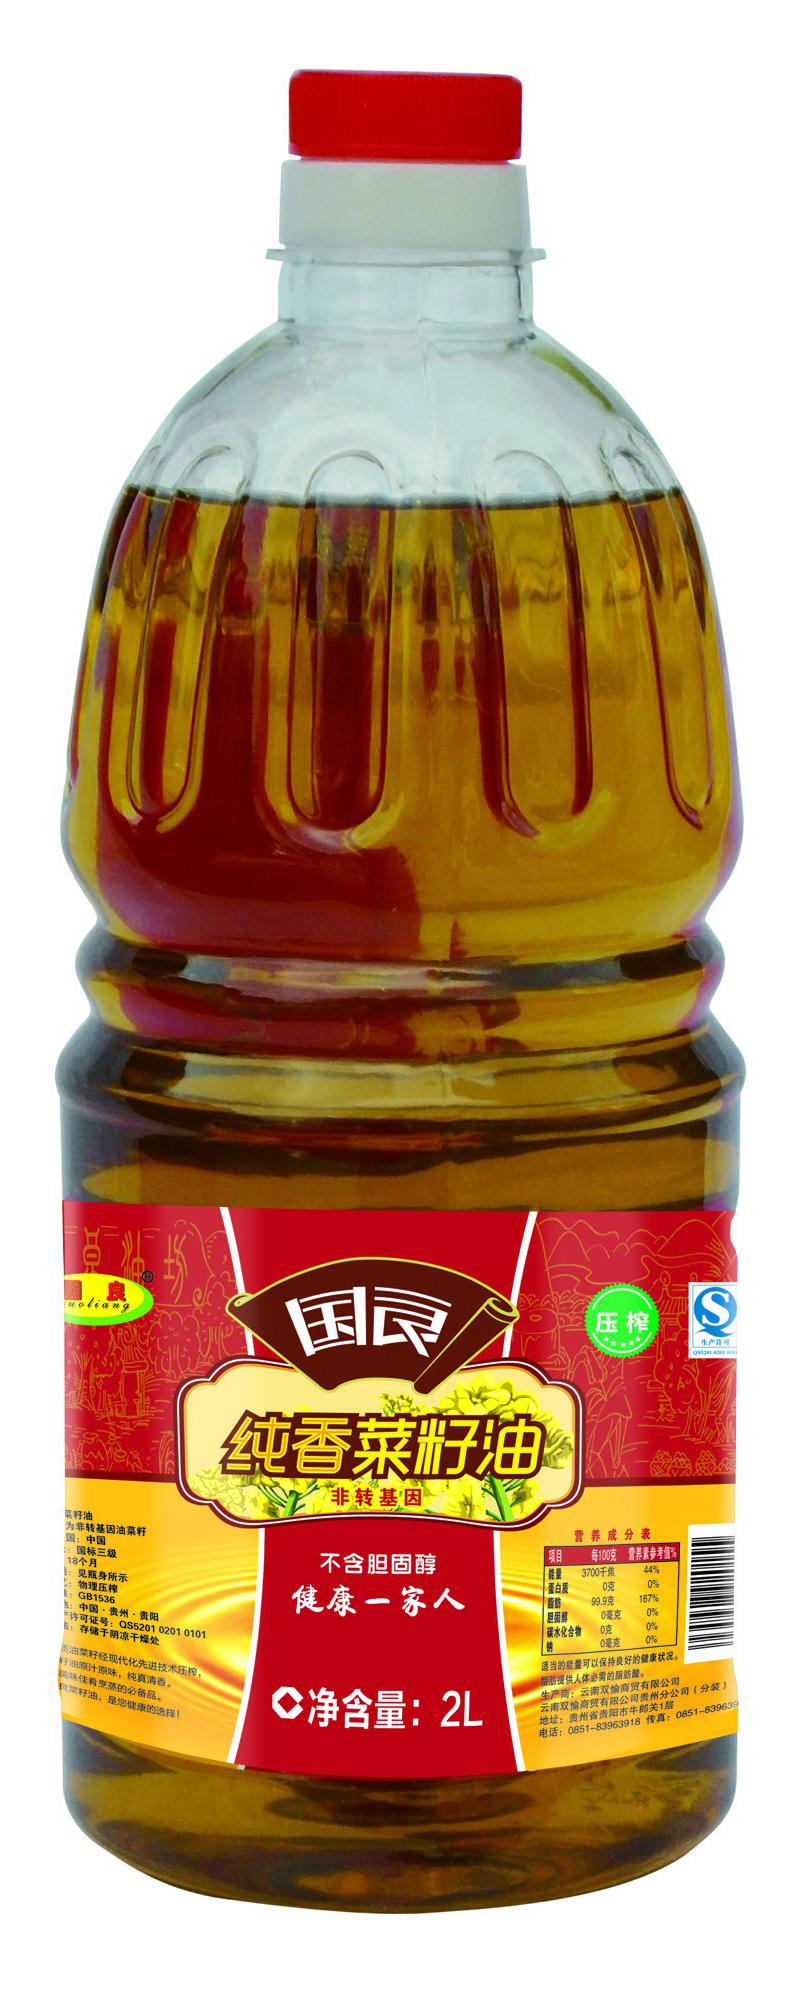 国良纯香菜籽油